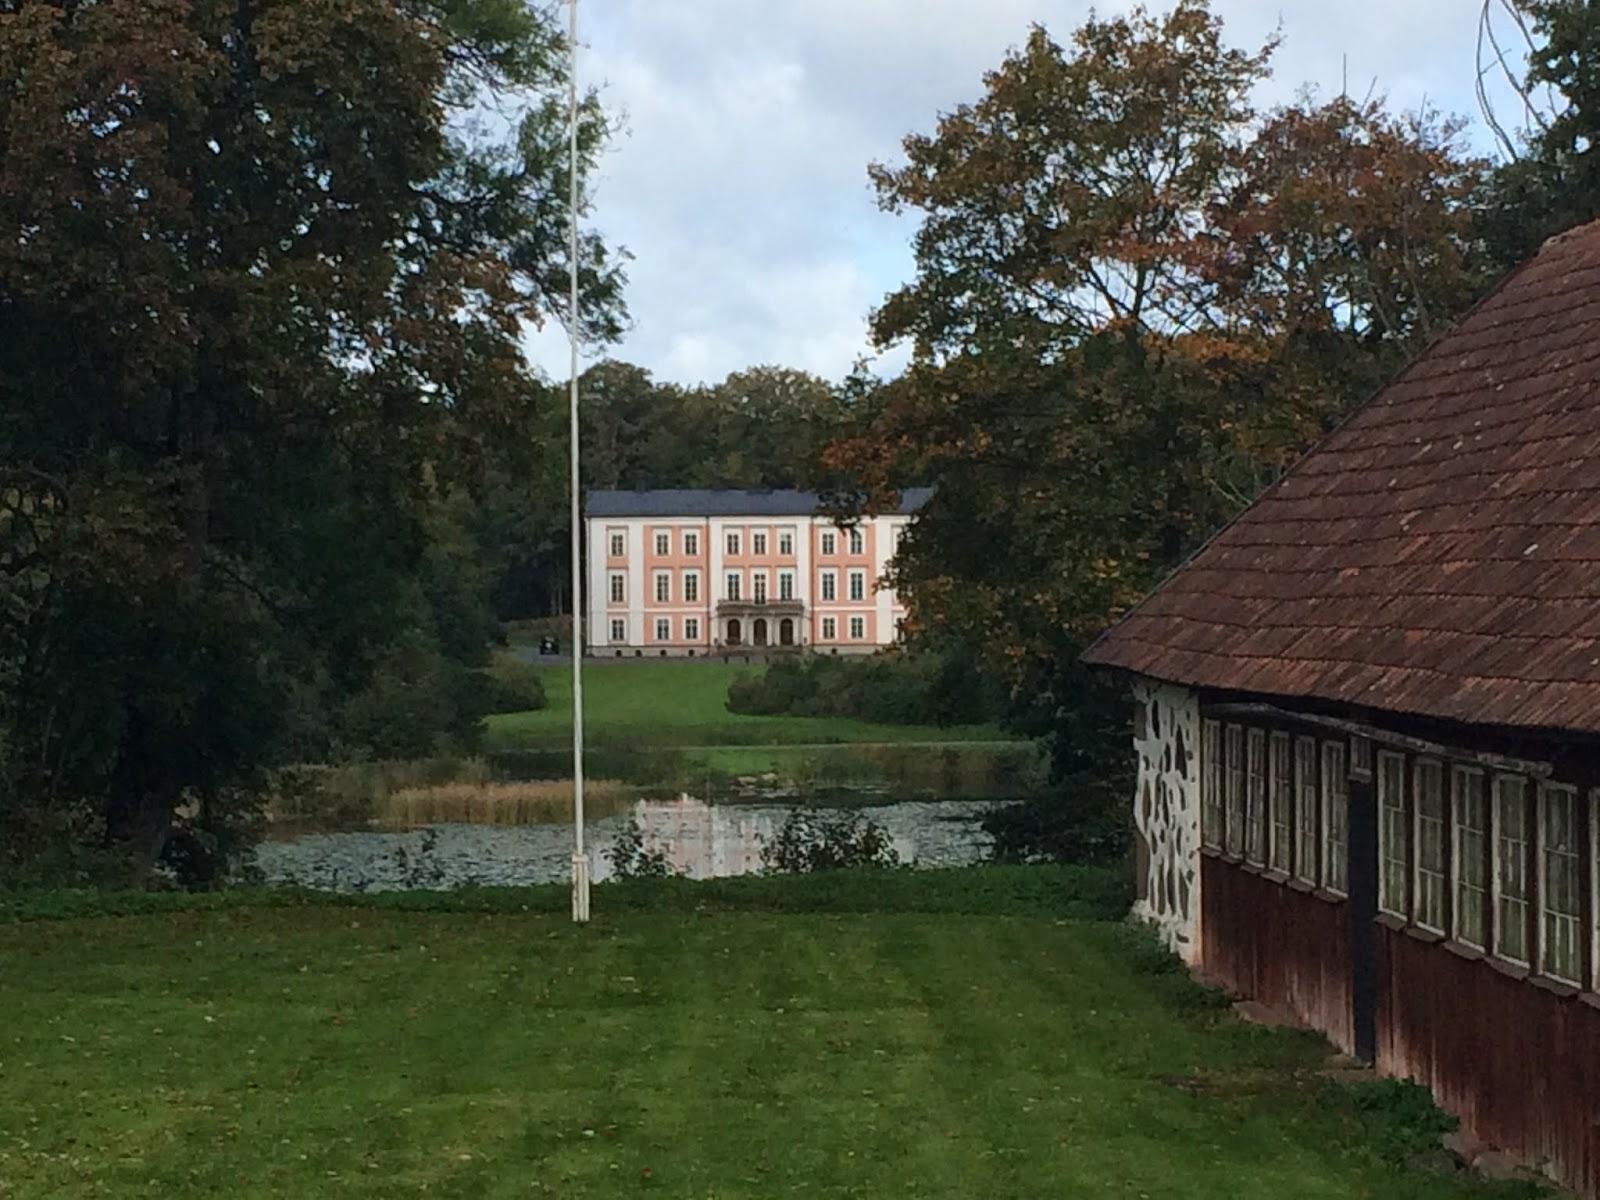 Slott utanför Kristianstad Ovesholm